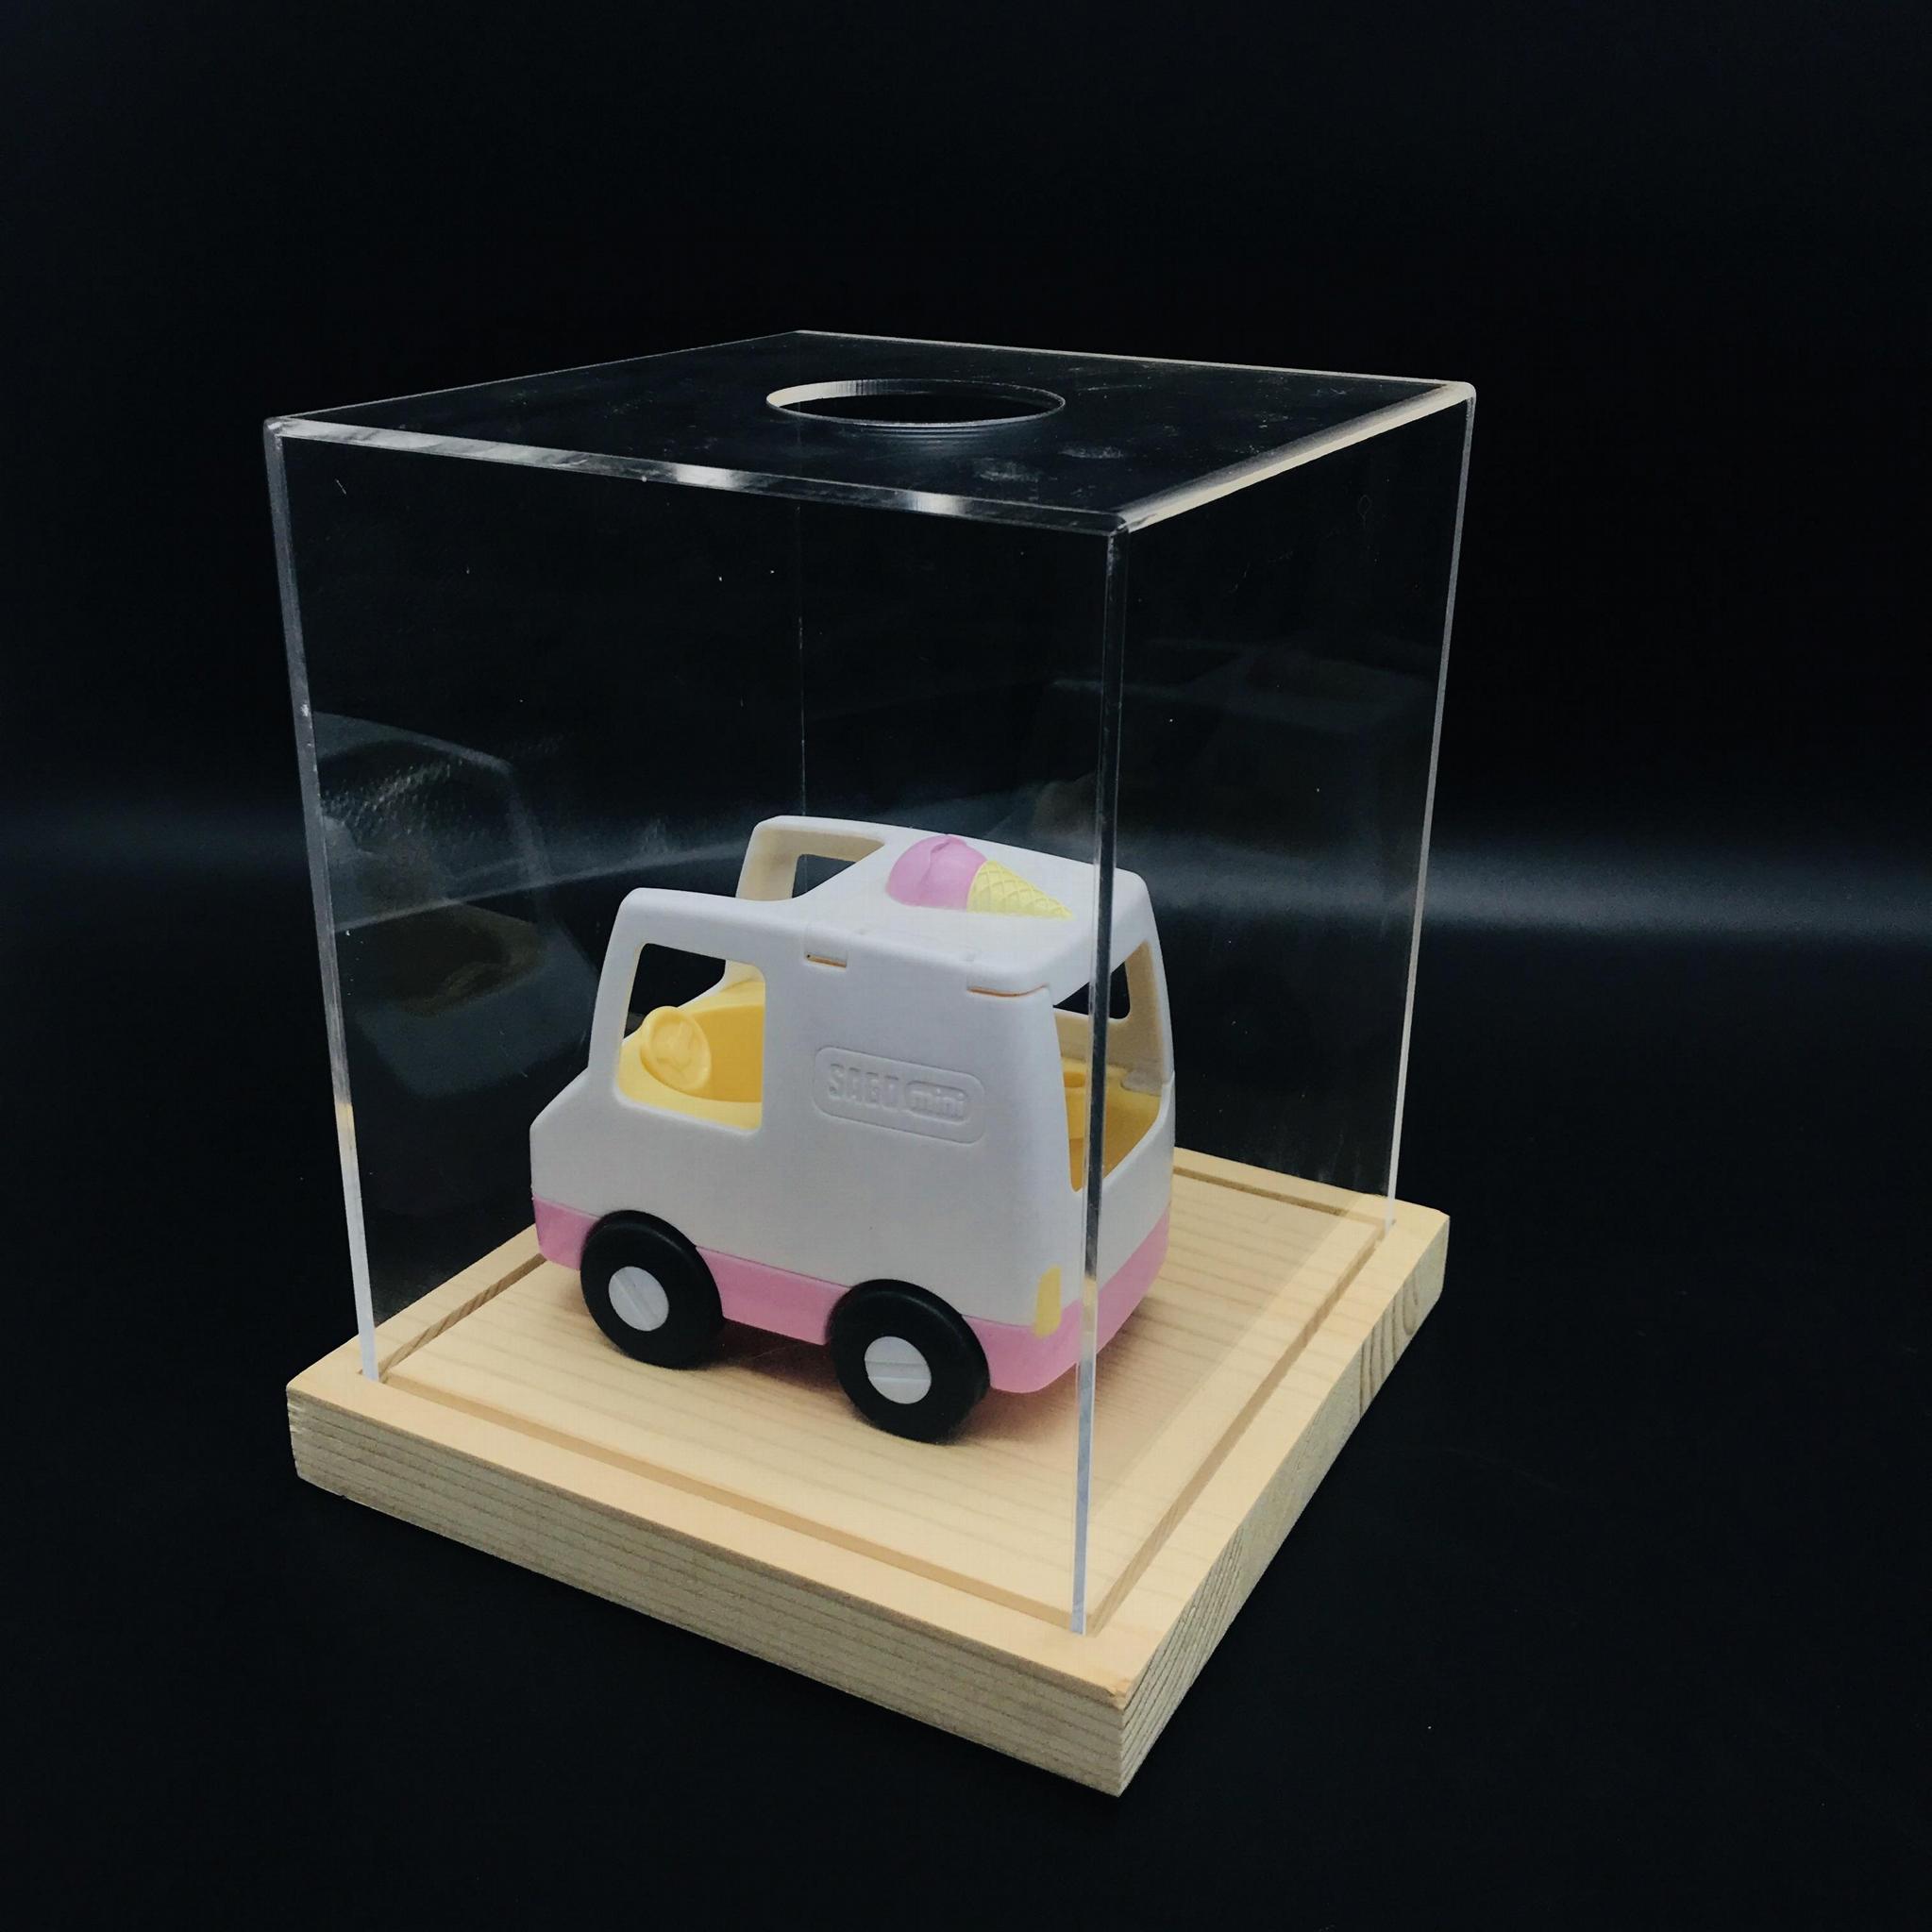 亚克力玩具展示架 定制亚克力盒子  有机玻璃公仔玩具手办展示盒 5